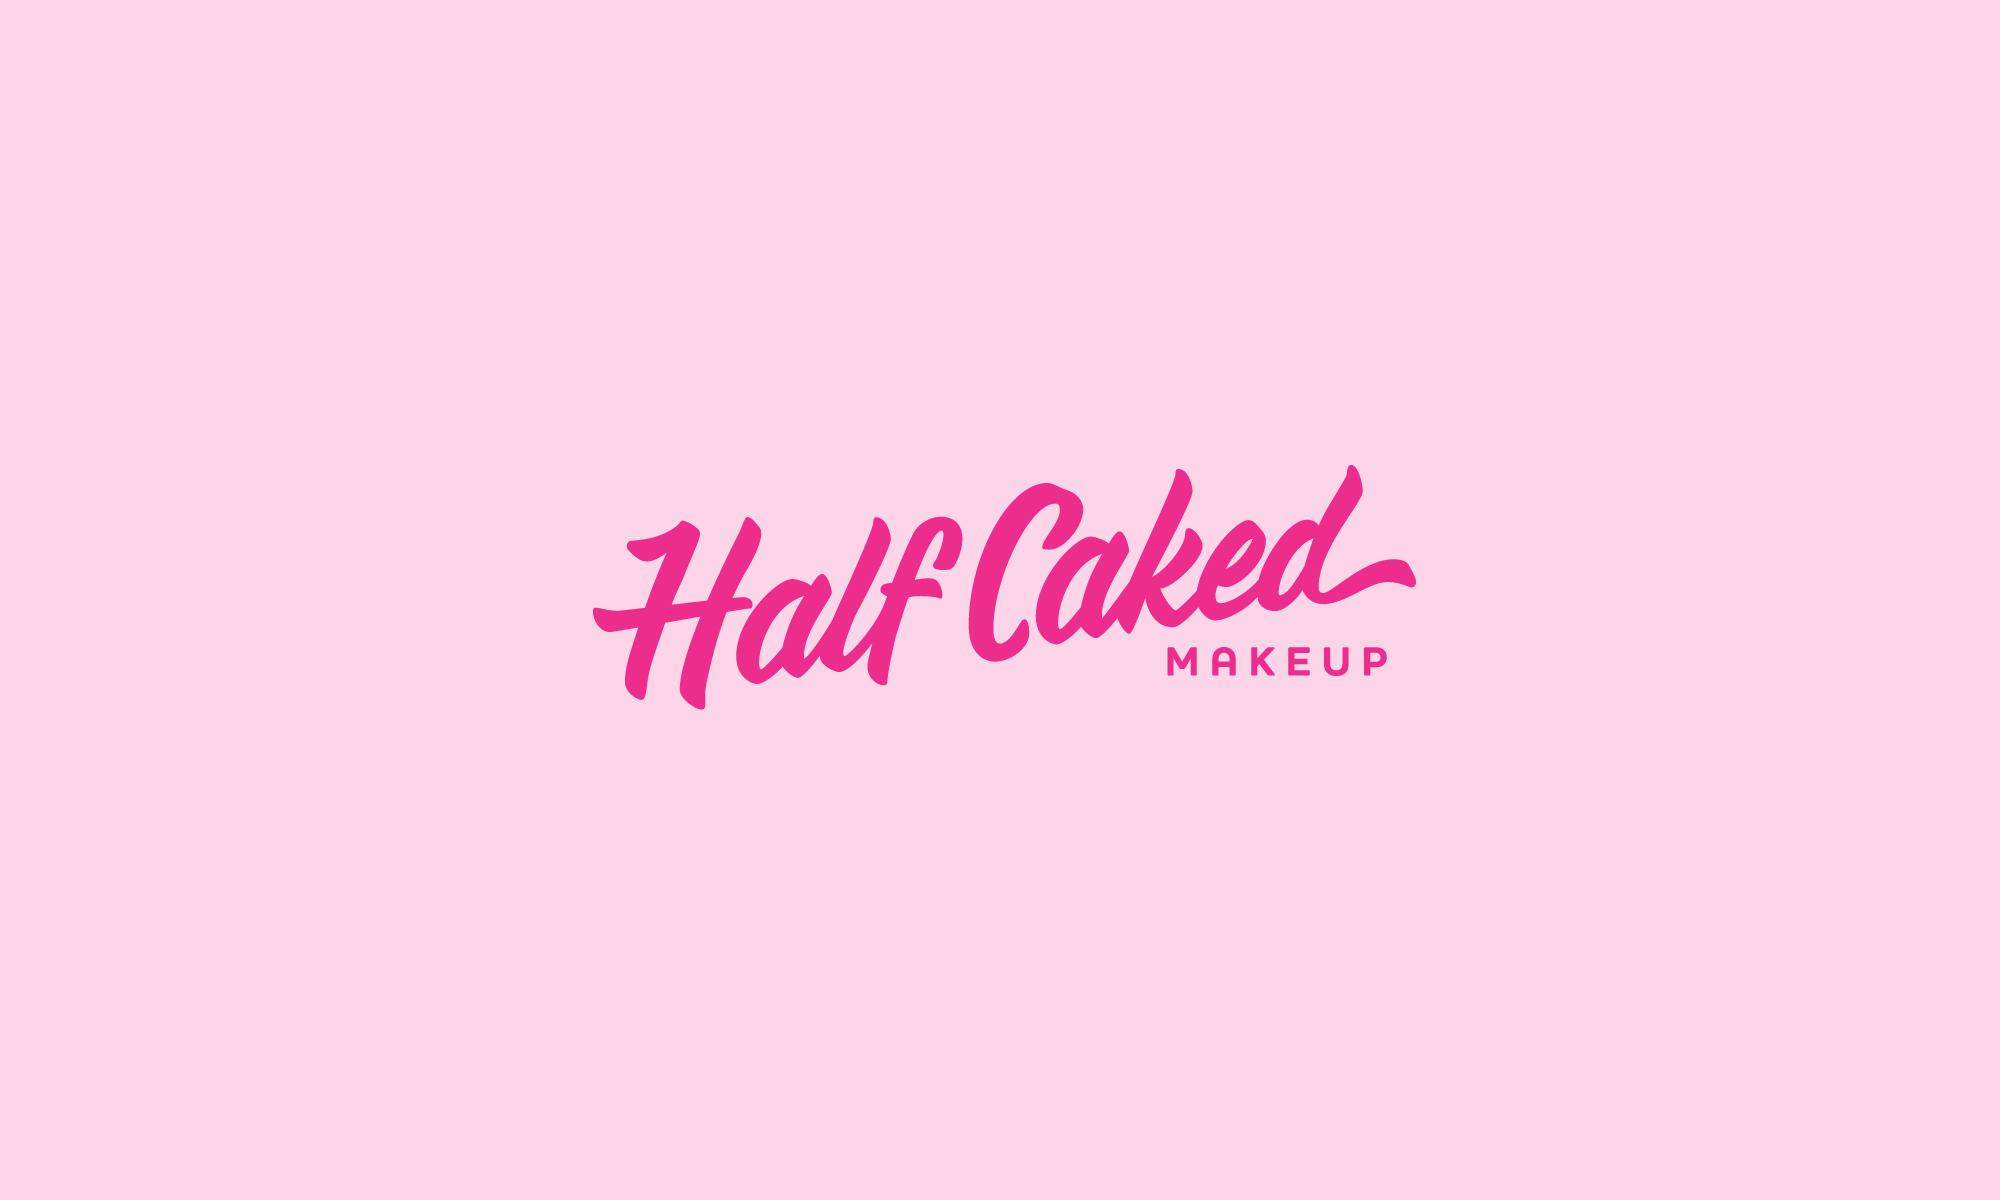 Half Caked Makeup